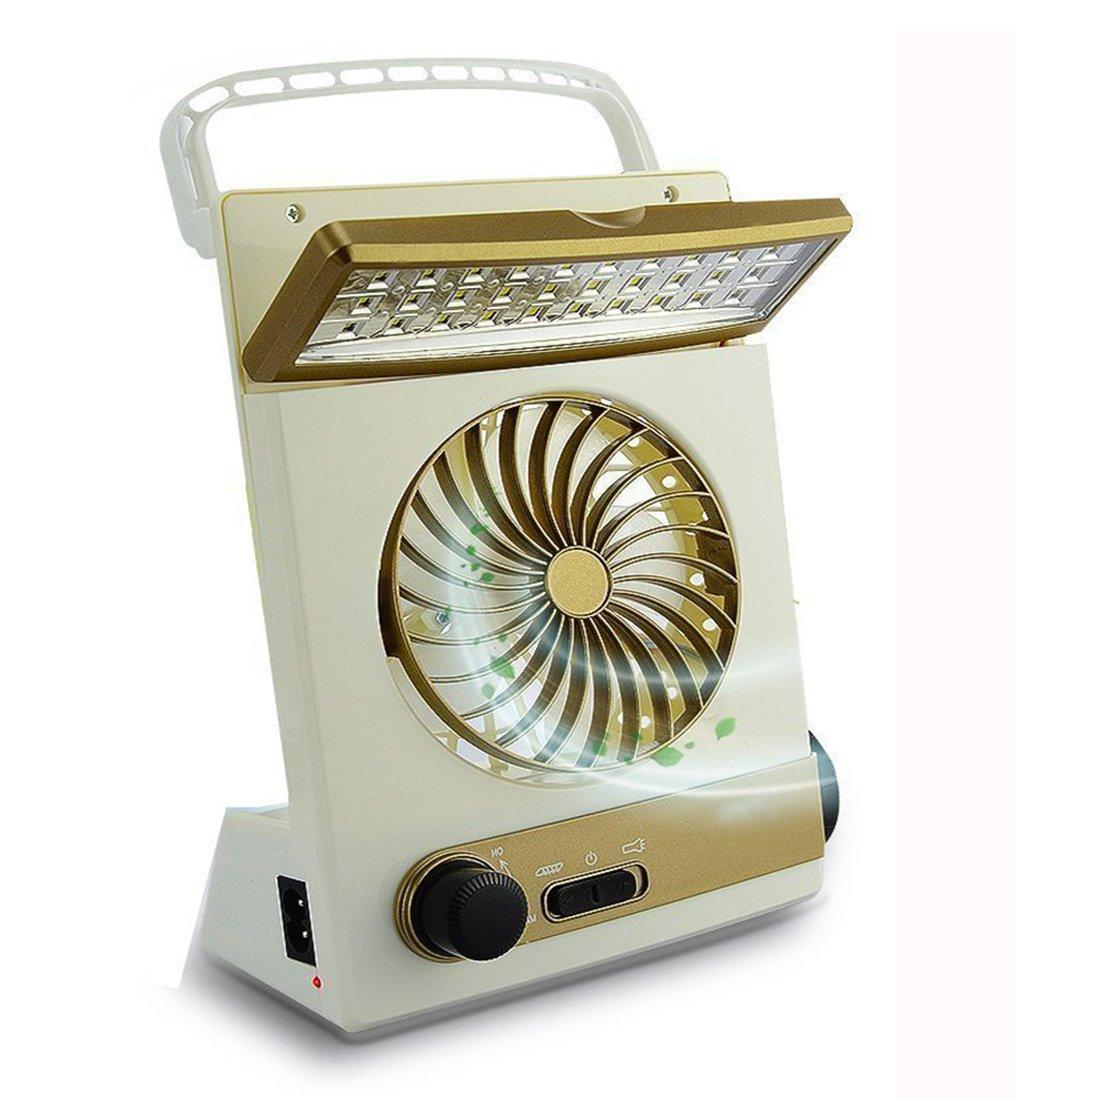 KASQA Solar Table Lamp Mini Fan 3 in 1 Multi-function Portable Eye-Care Desk Light Flashlight Solar Light For Adult Children Home Camping Solar Cooling Fans(Gold)